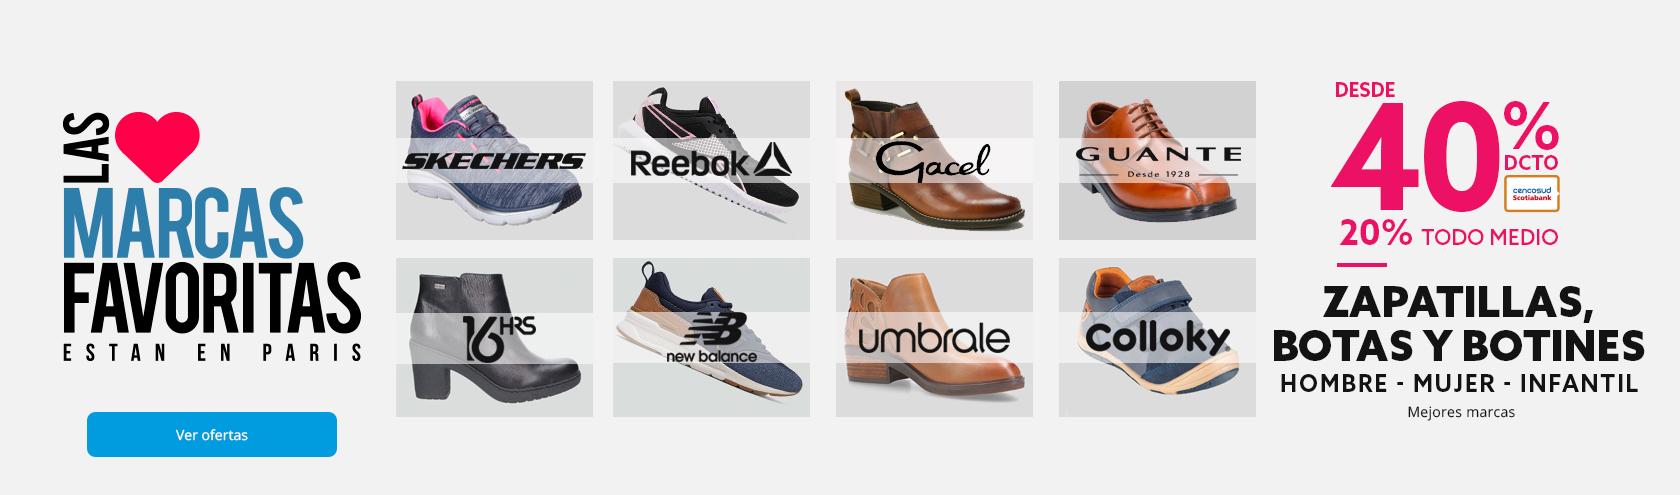 40% de descuento con tarjeta cencosud y 20% de descuento todo medio en zapatillas botas y botines